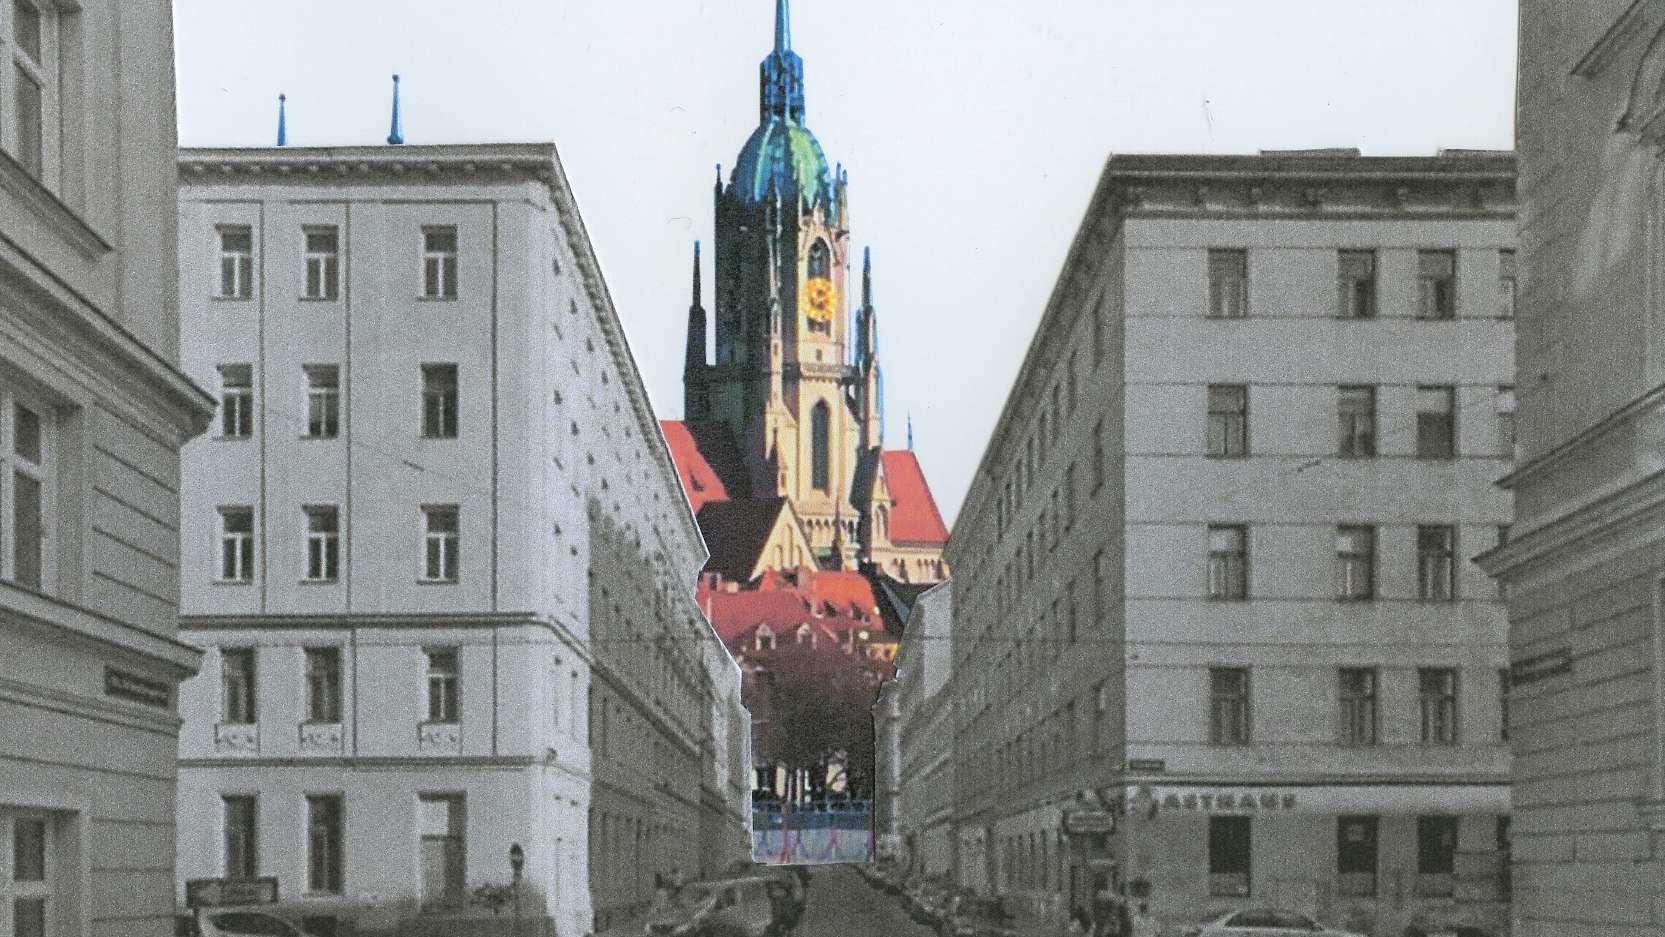 Sicht auf die Paulskirche aus der Perspektive einer bebauten Theresienwiese.